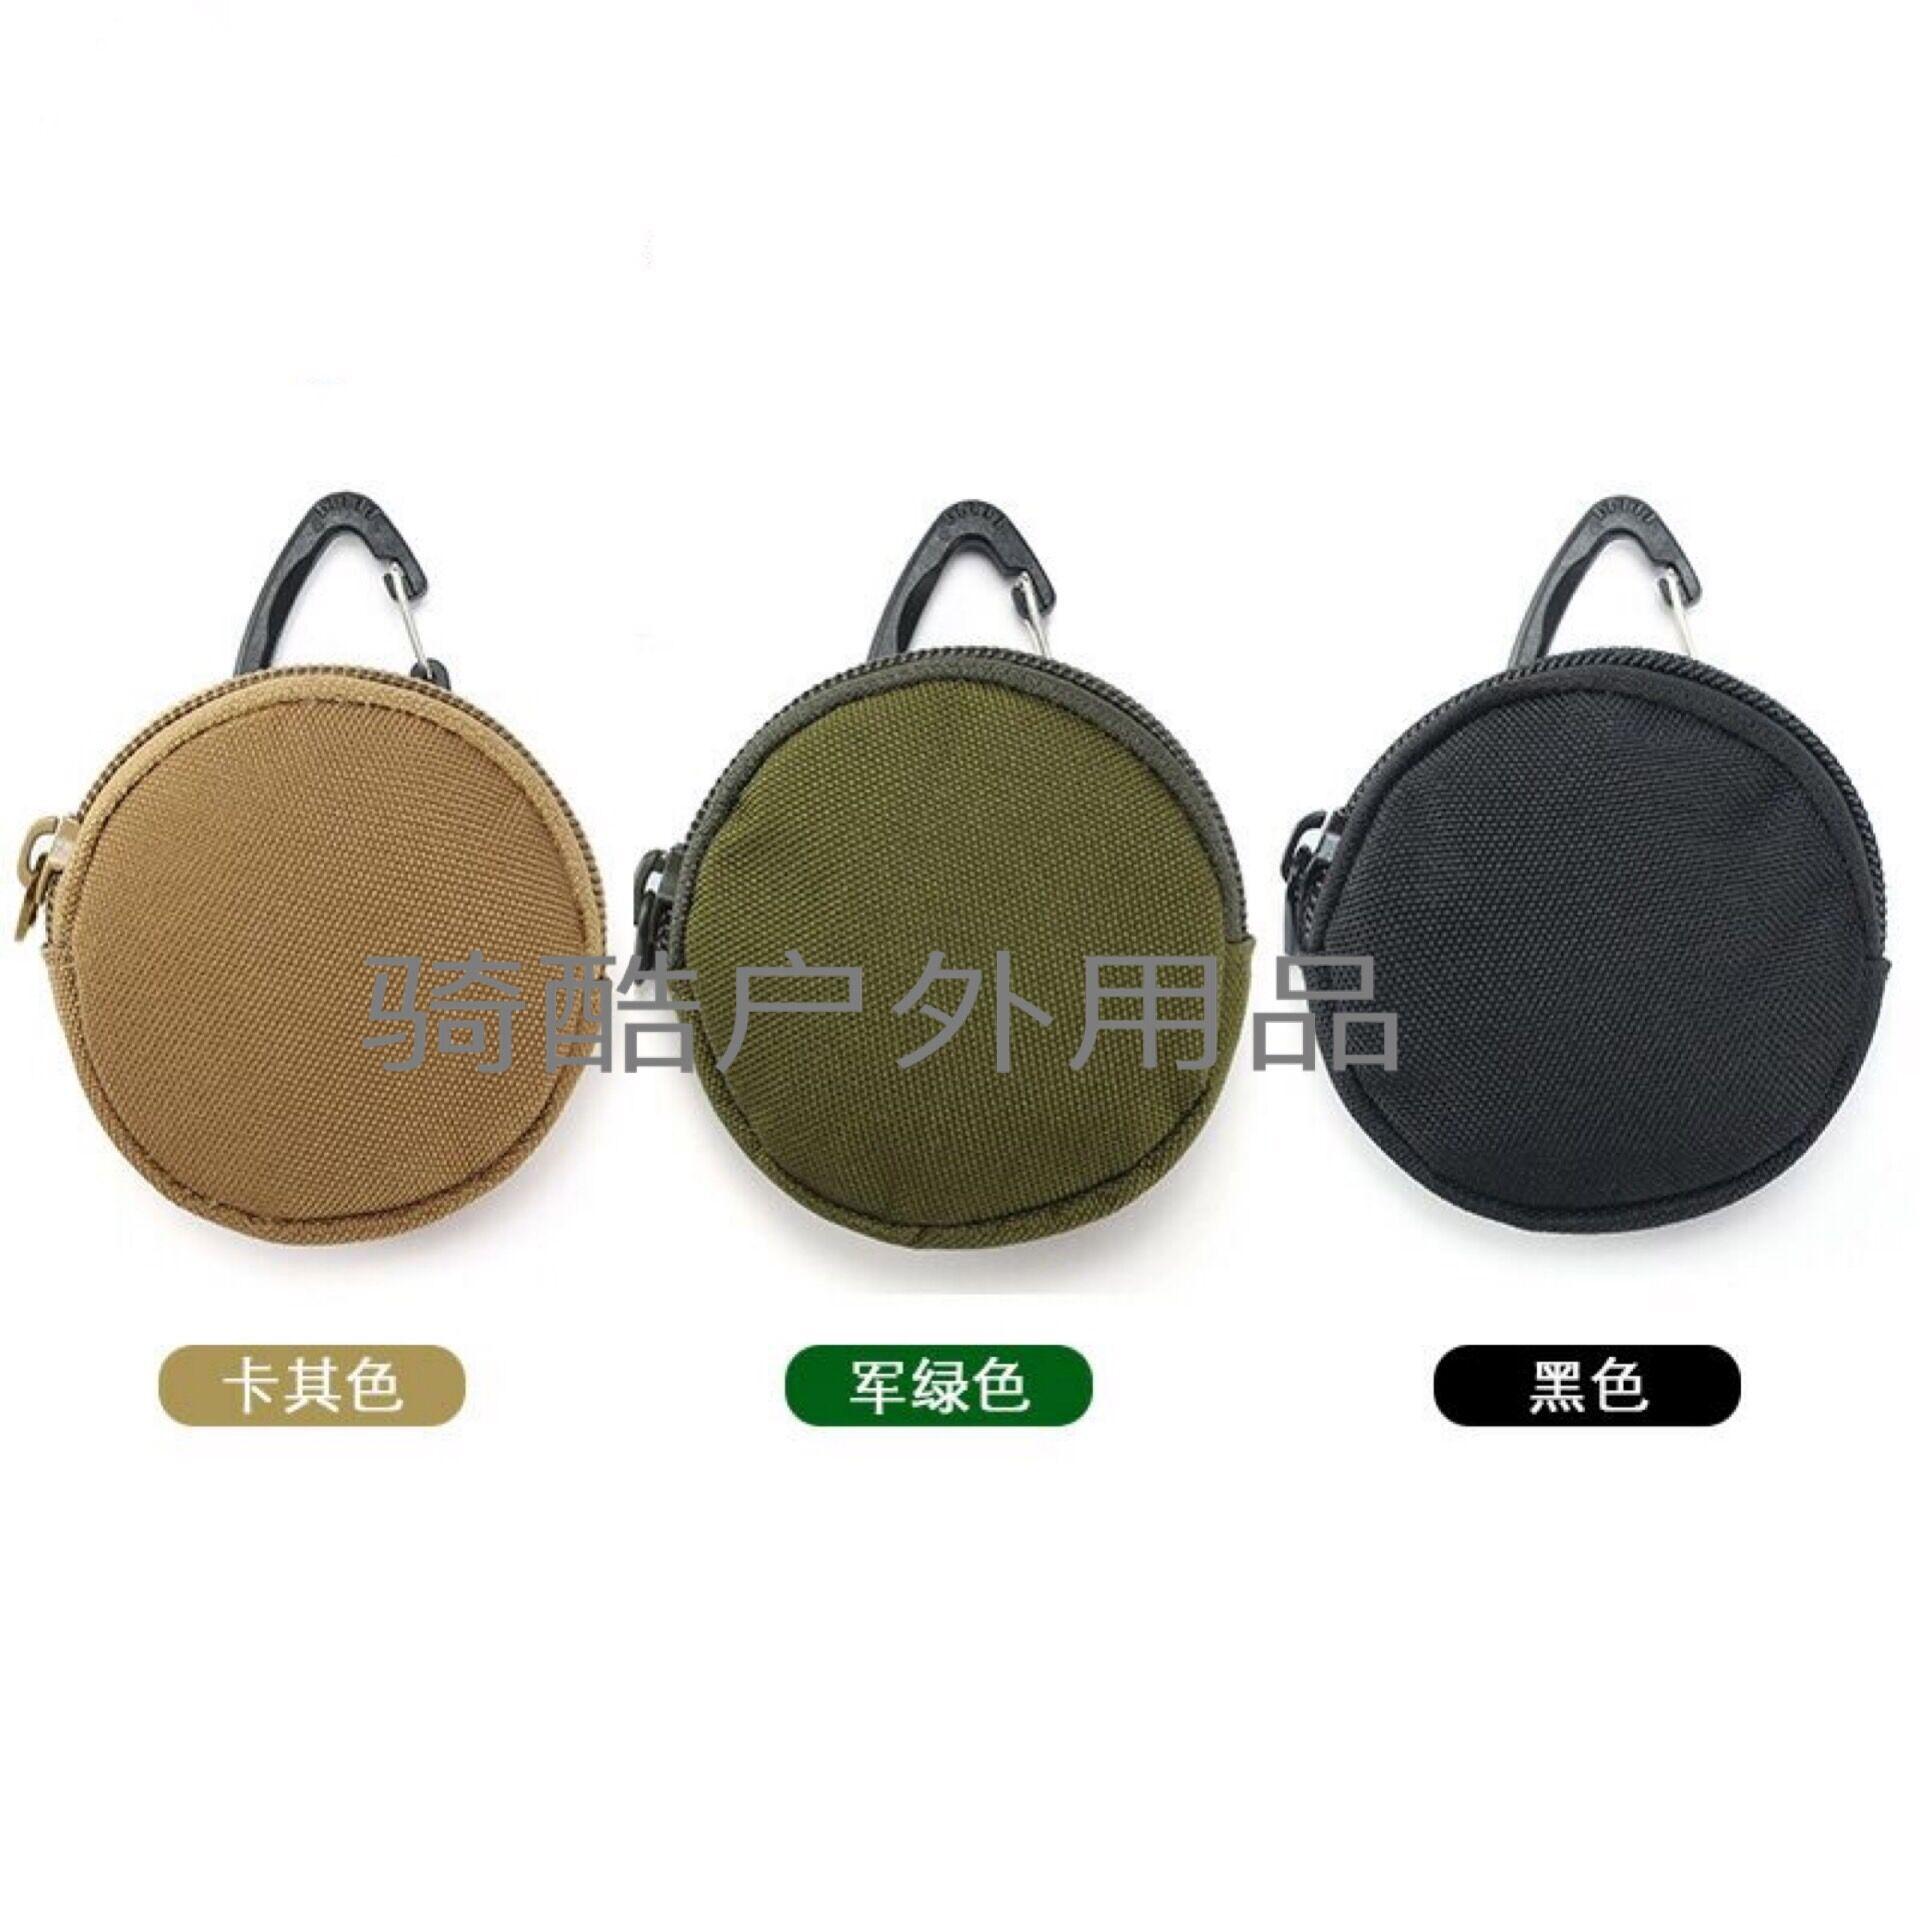 户外用品 三角扣 圆形零件包 耳机包